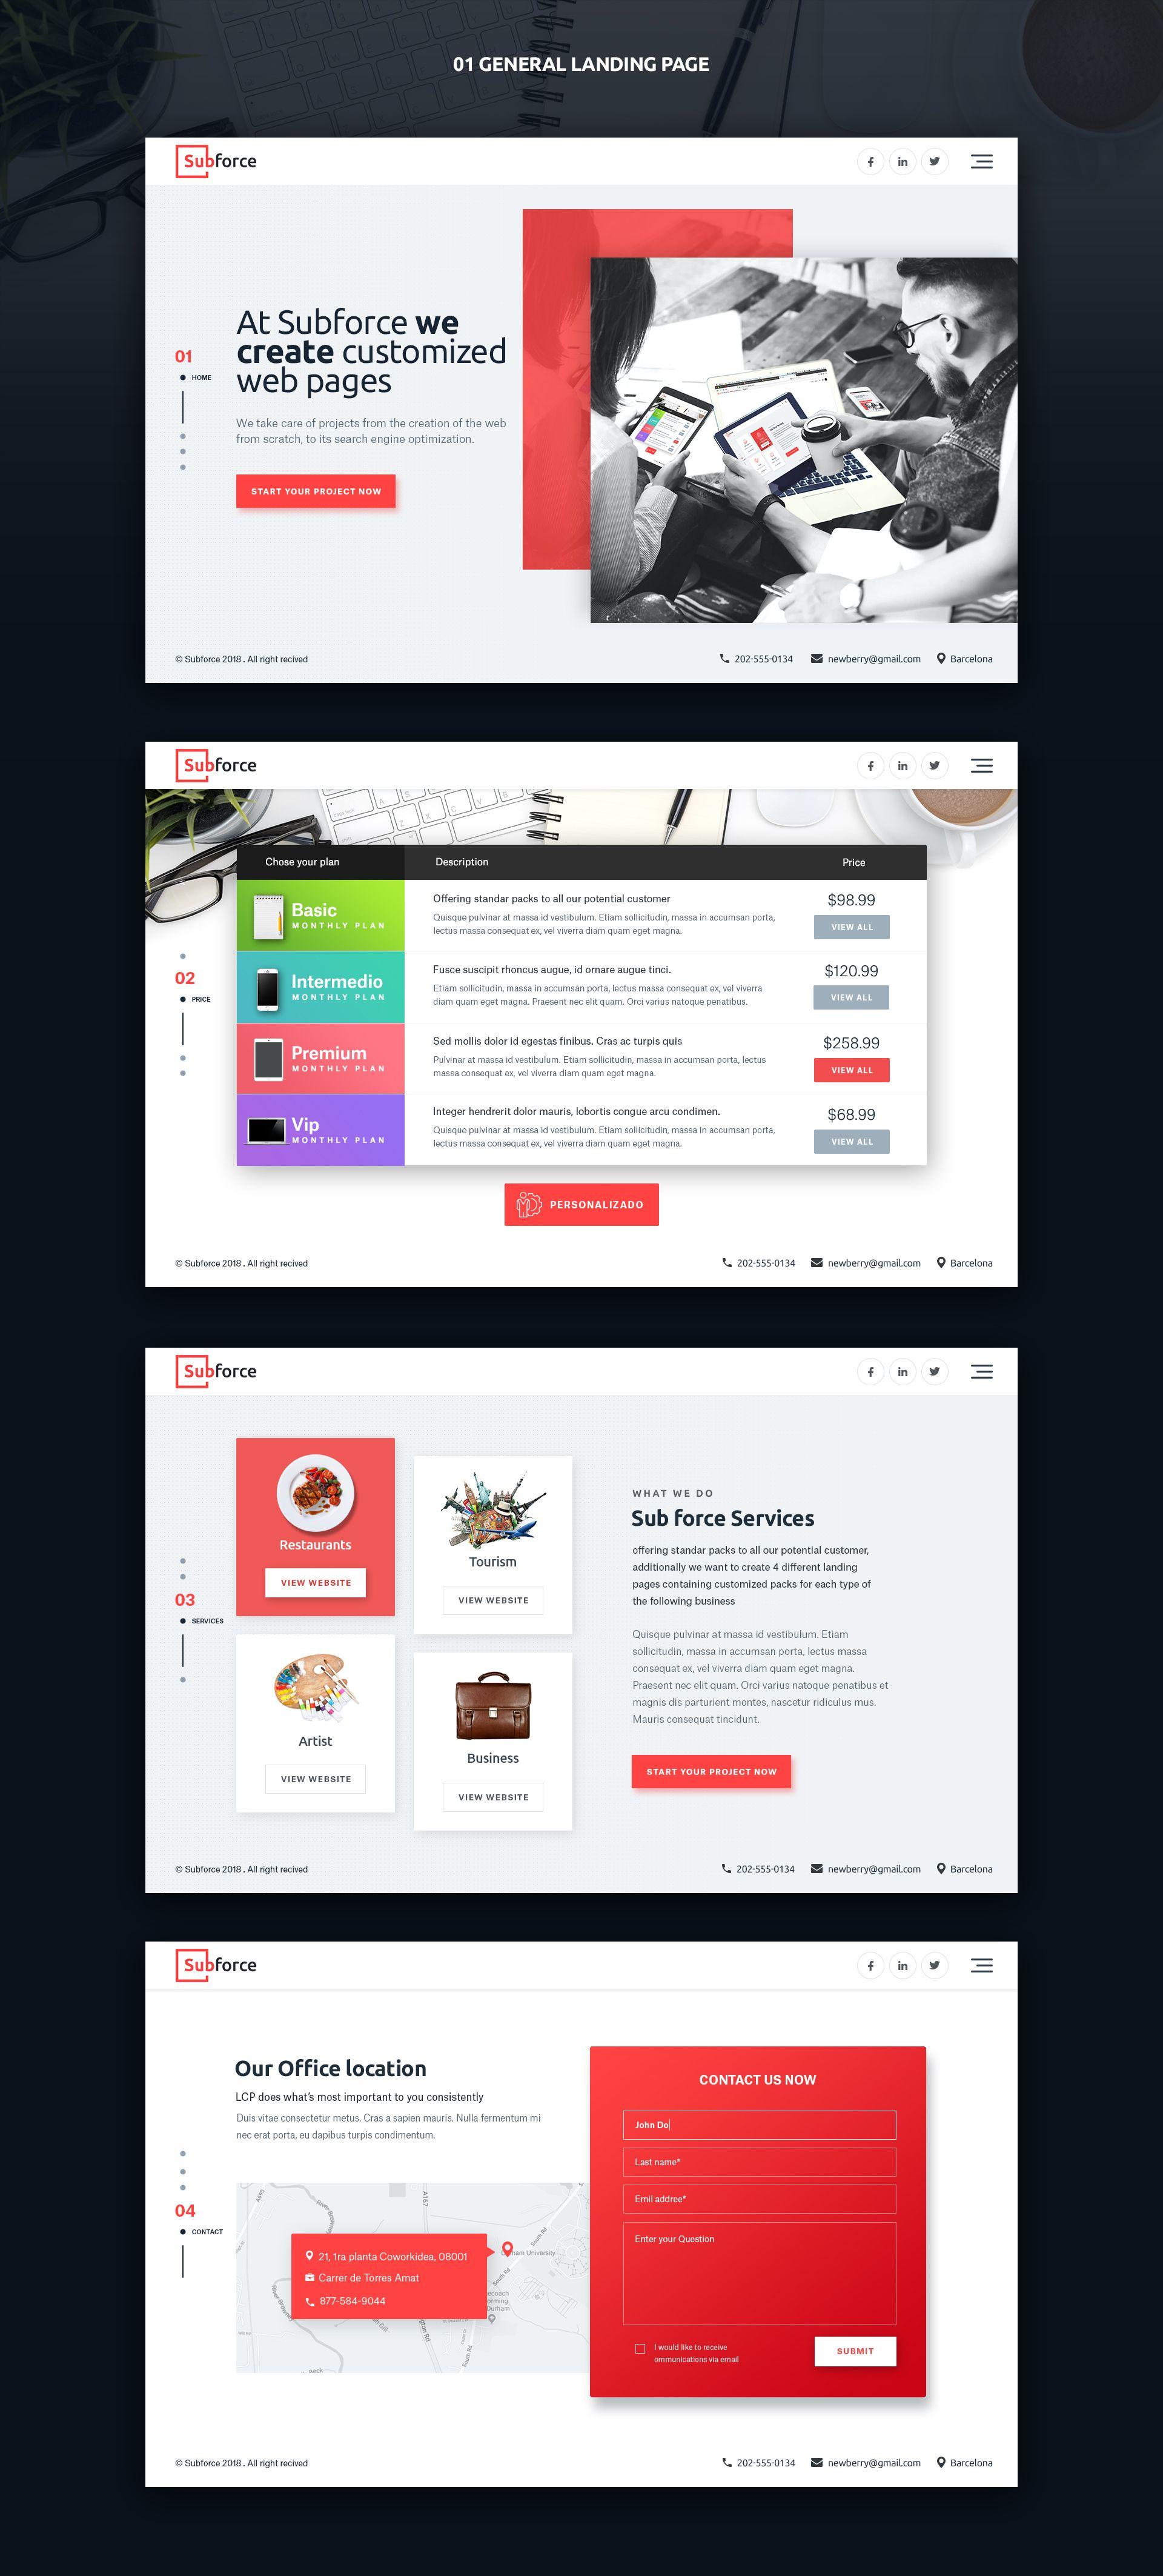 Designs Design For 5 Landing Pages Web Page Design Contest Design Web Design Trends Website Design